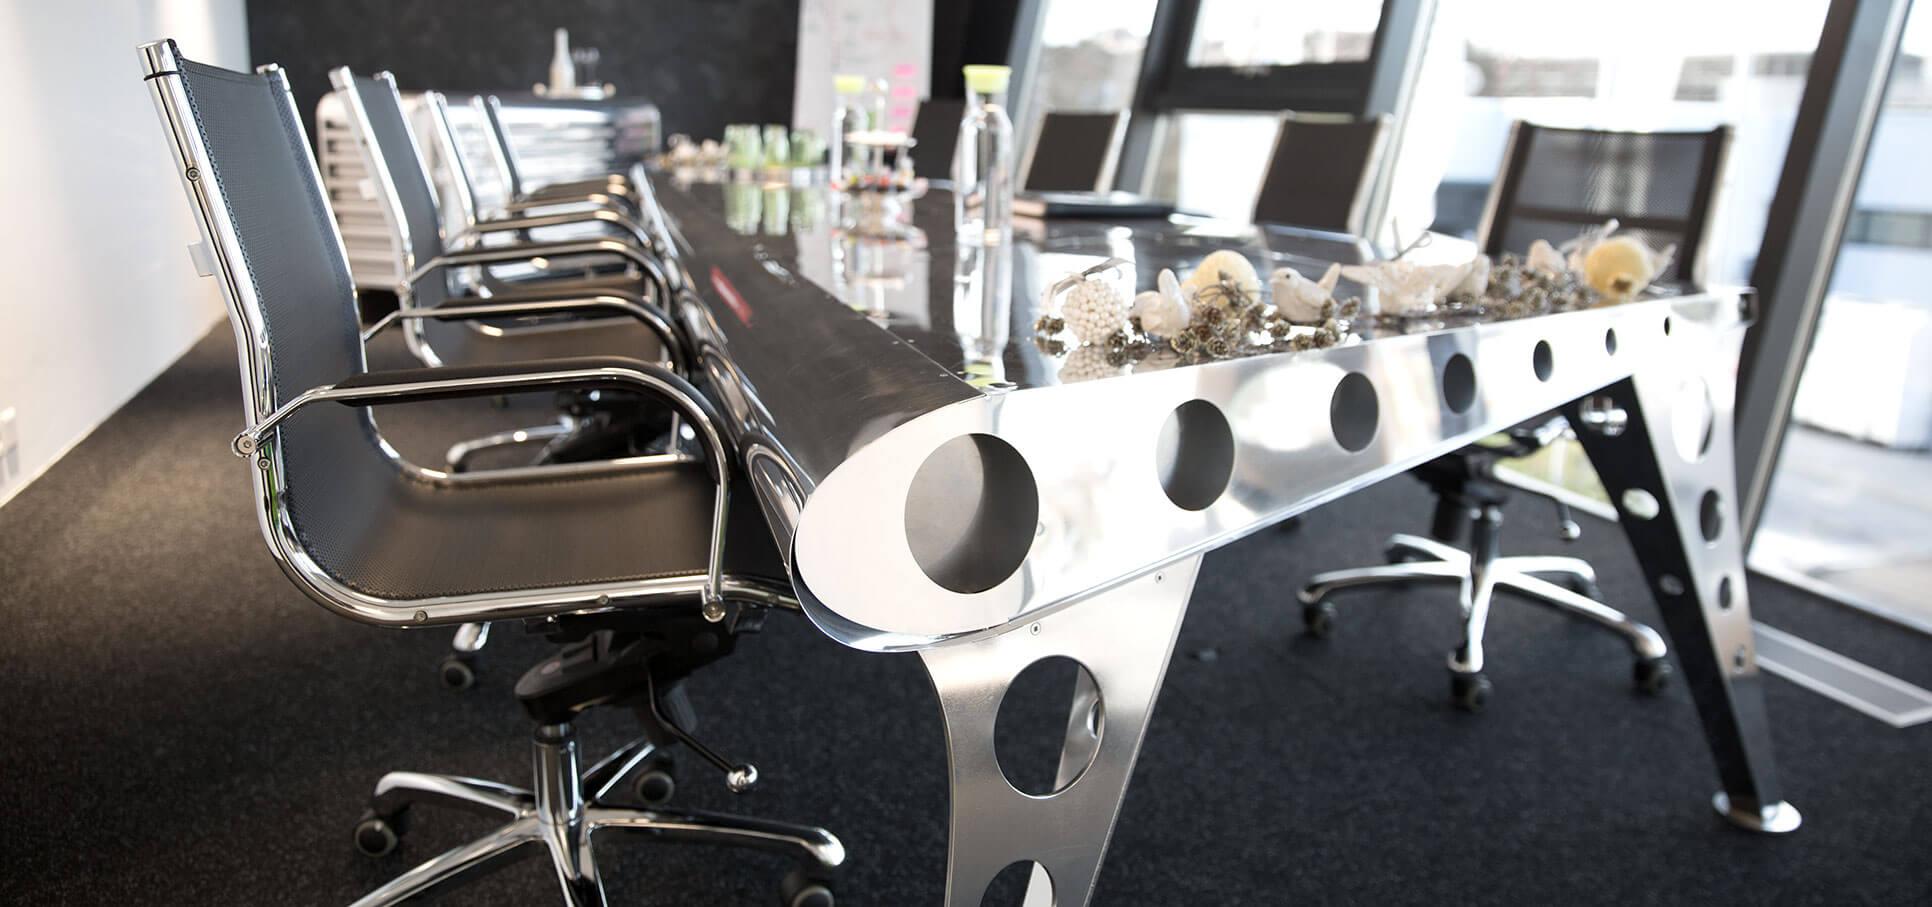 2-ladenbau-moebel-design-produkt-einrichtung-store-concept-konzept-interieur-design-rohrfabrik-moebel-kleiderstaender-kleider-zimmer-rohr-gestell-regal.jpg3-2.jpg